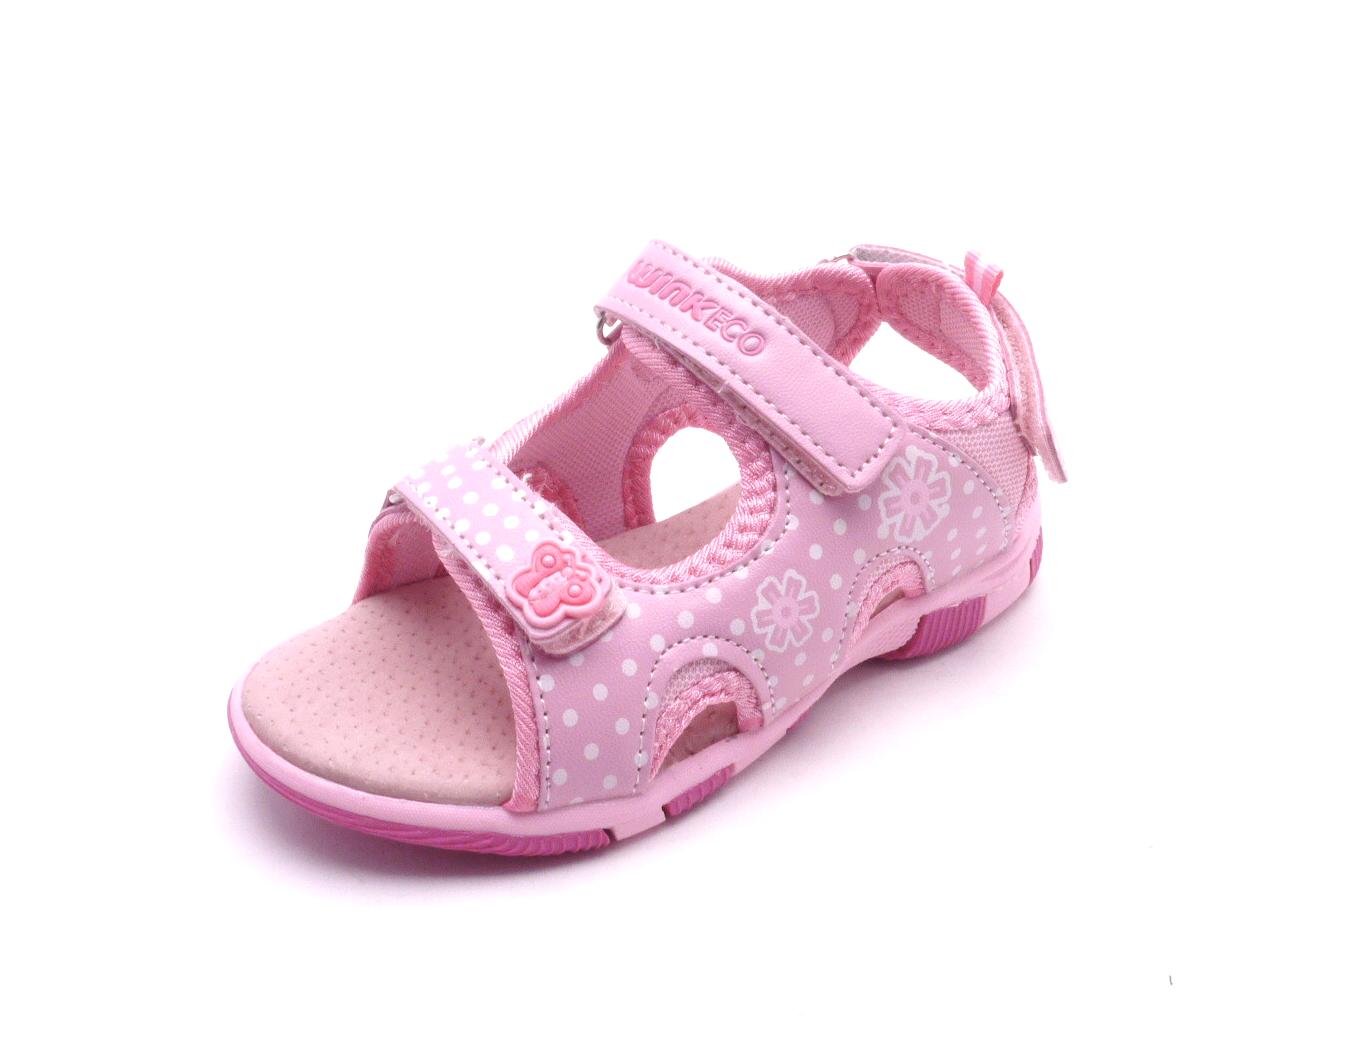 Wink Dětské sandálky pink SG81812-12-1 Velikost  27 4d9b9e09cb